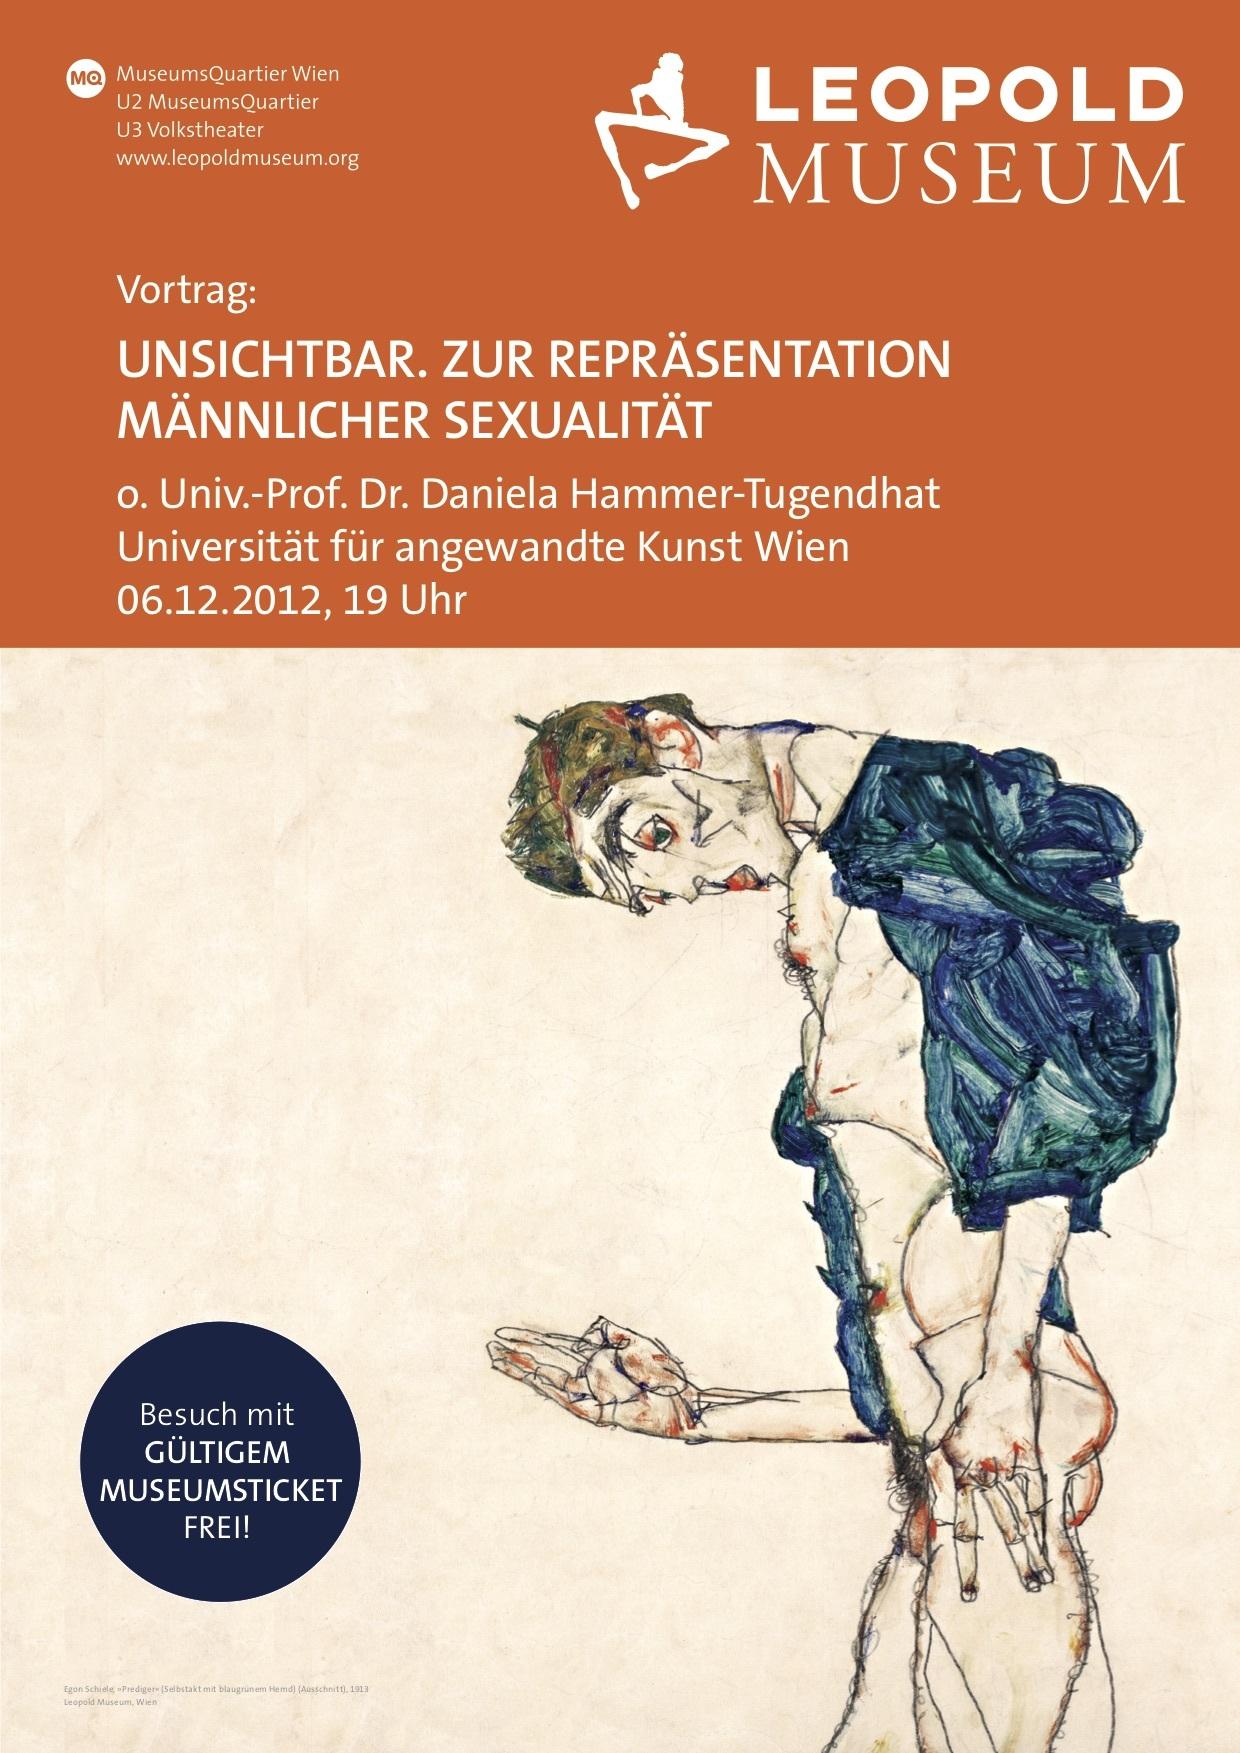 121206 Zur Repraesentation Maennlicher Sexualitaet